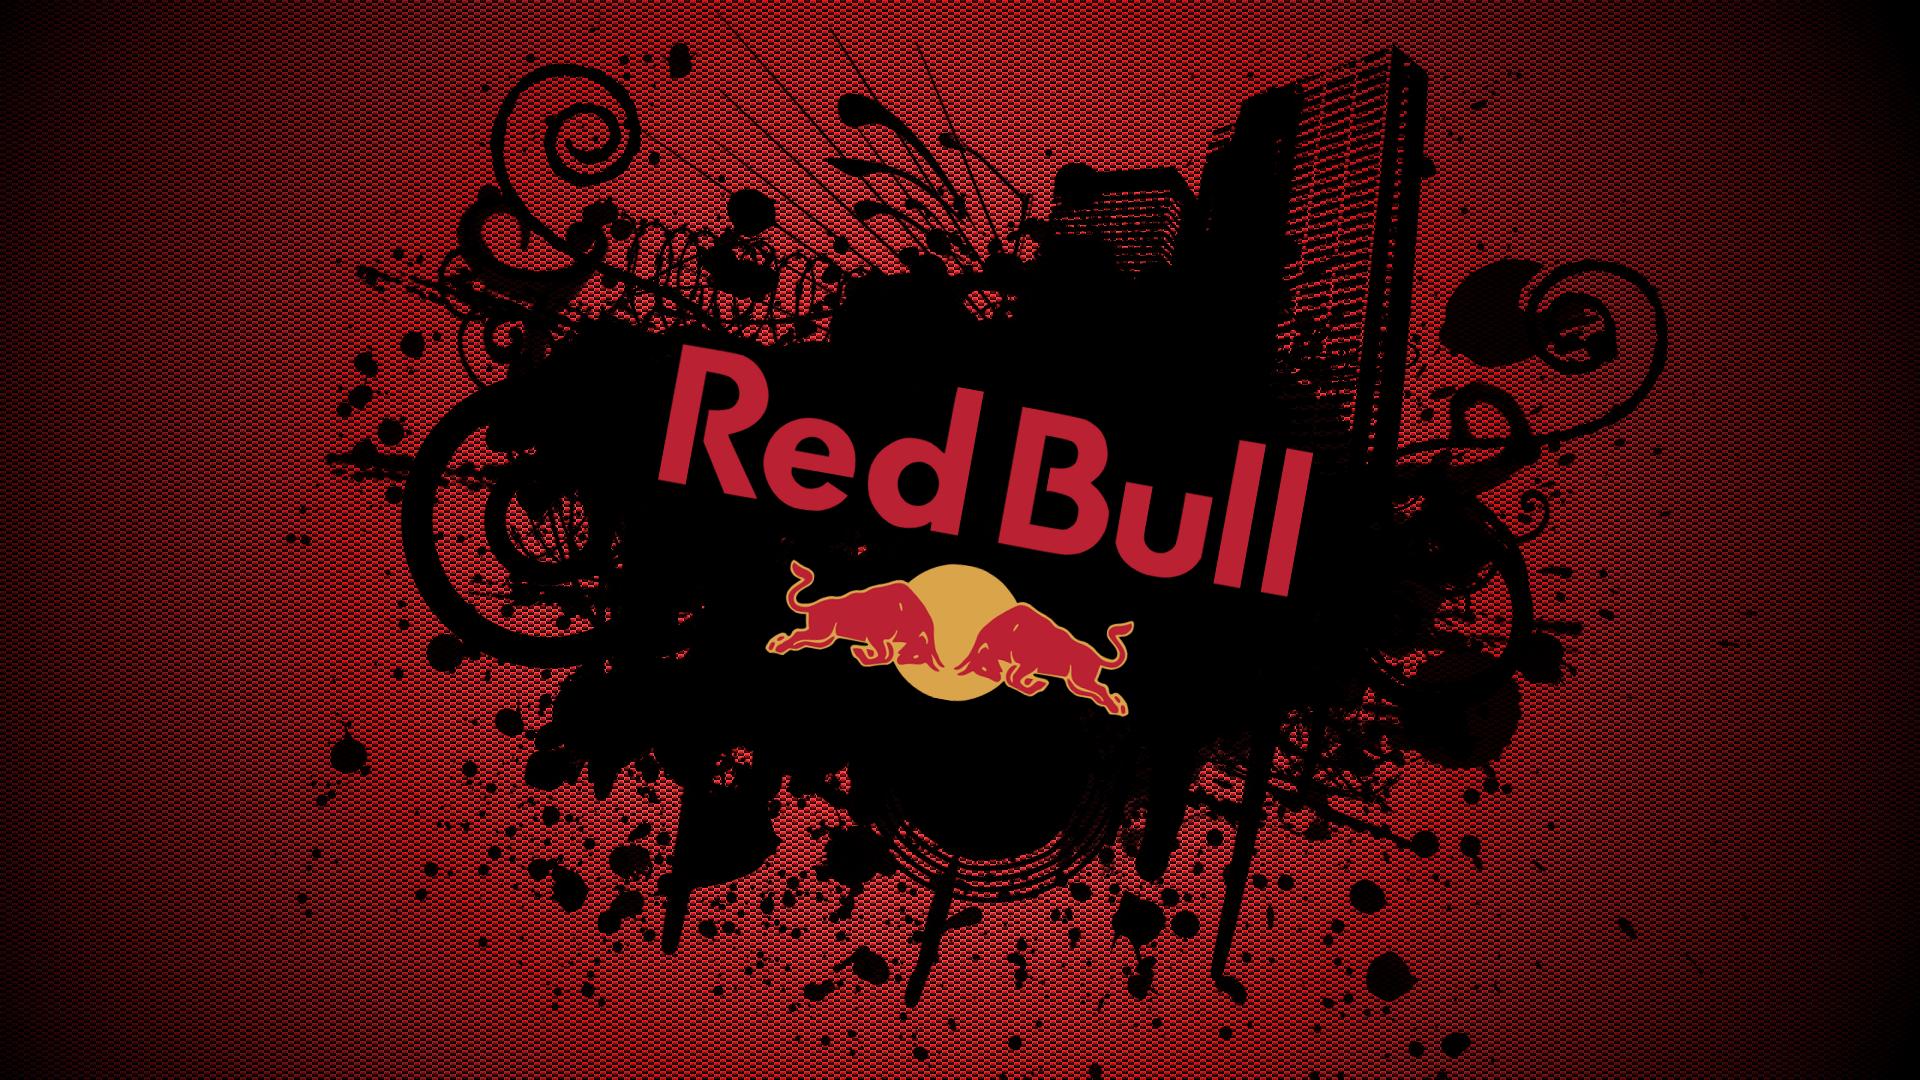 Red Bull Logo Image Bulls Wallpaper Red Bull Bull